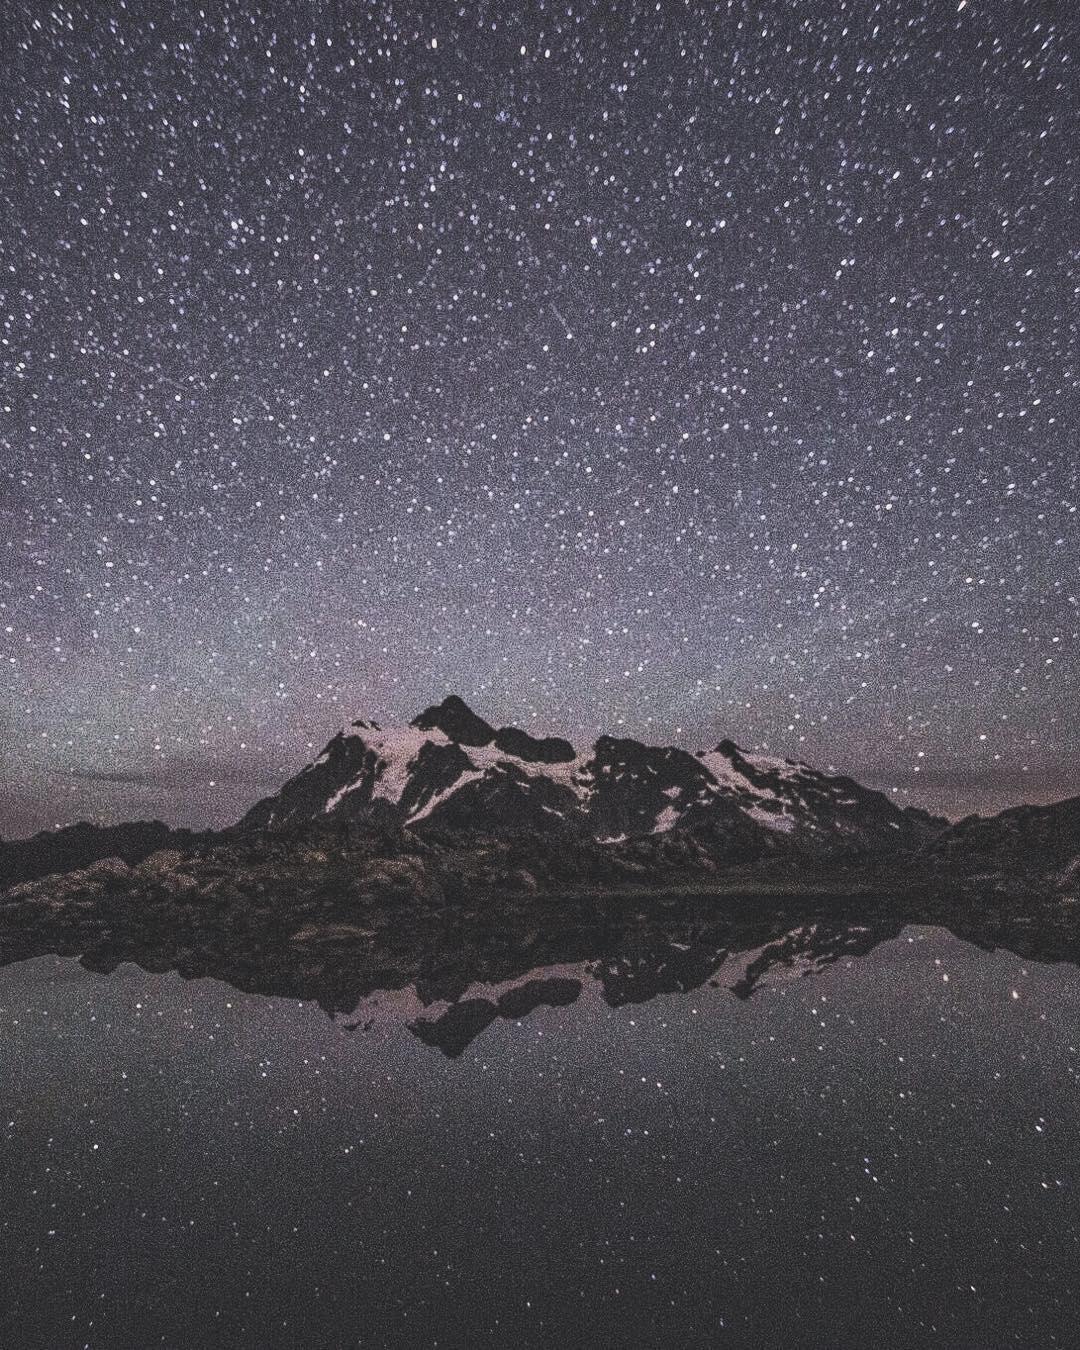 Sleepless_Nights_n__Alpine_Lakes_by_kylehouck.jpg